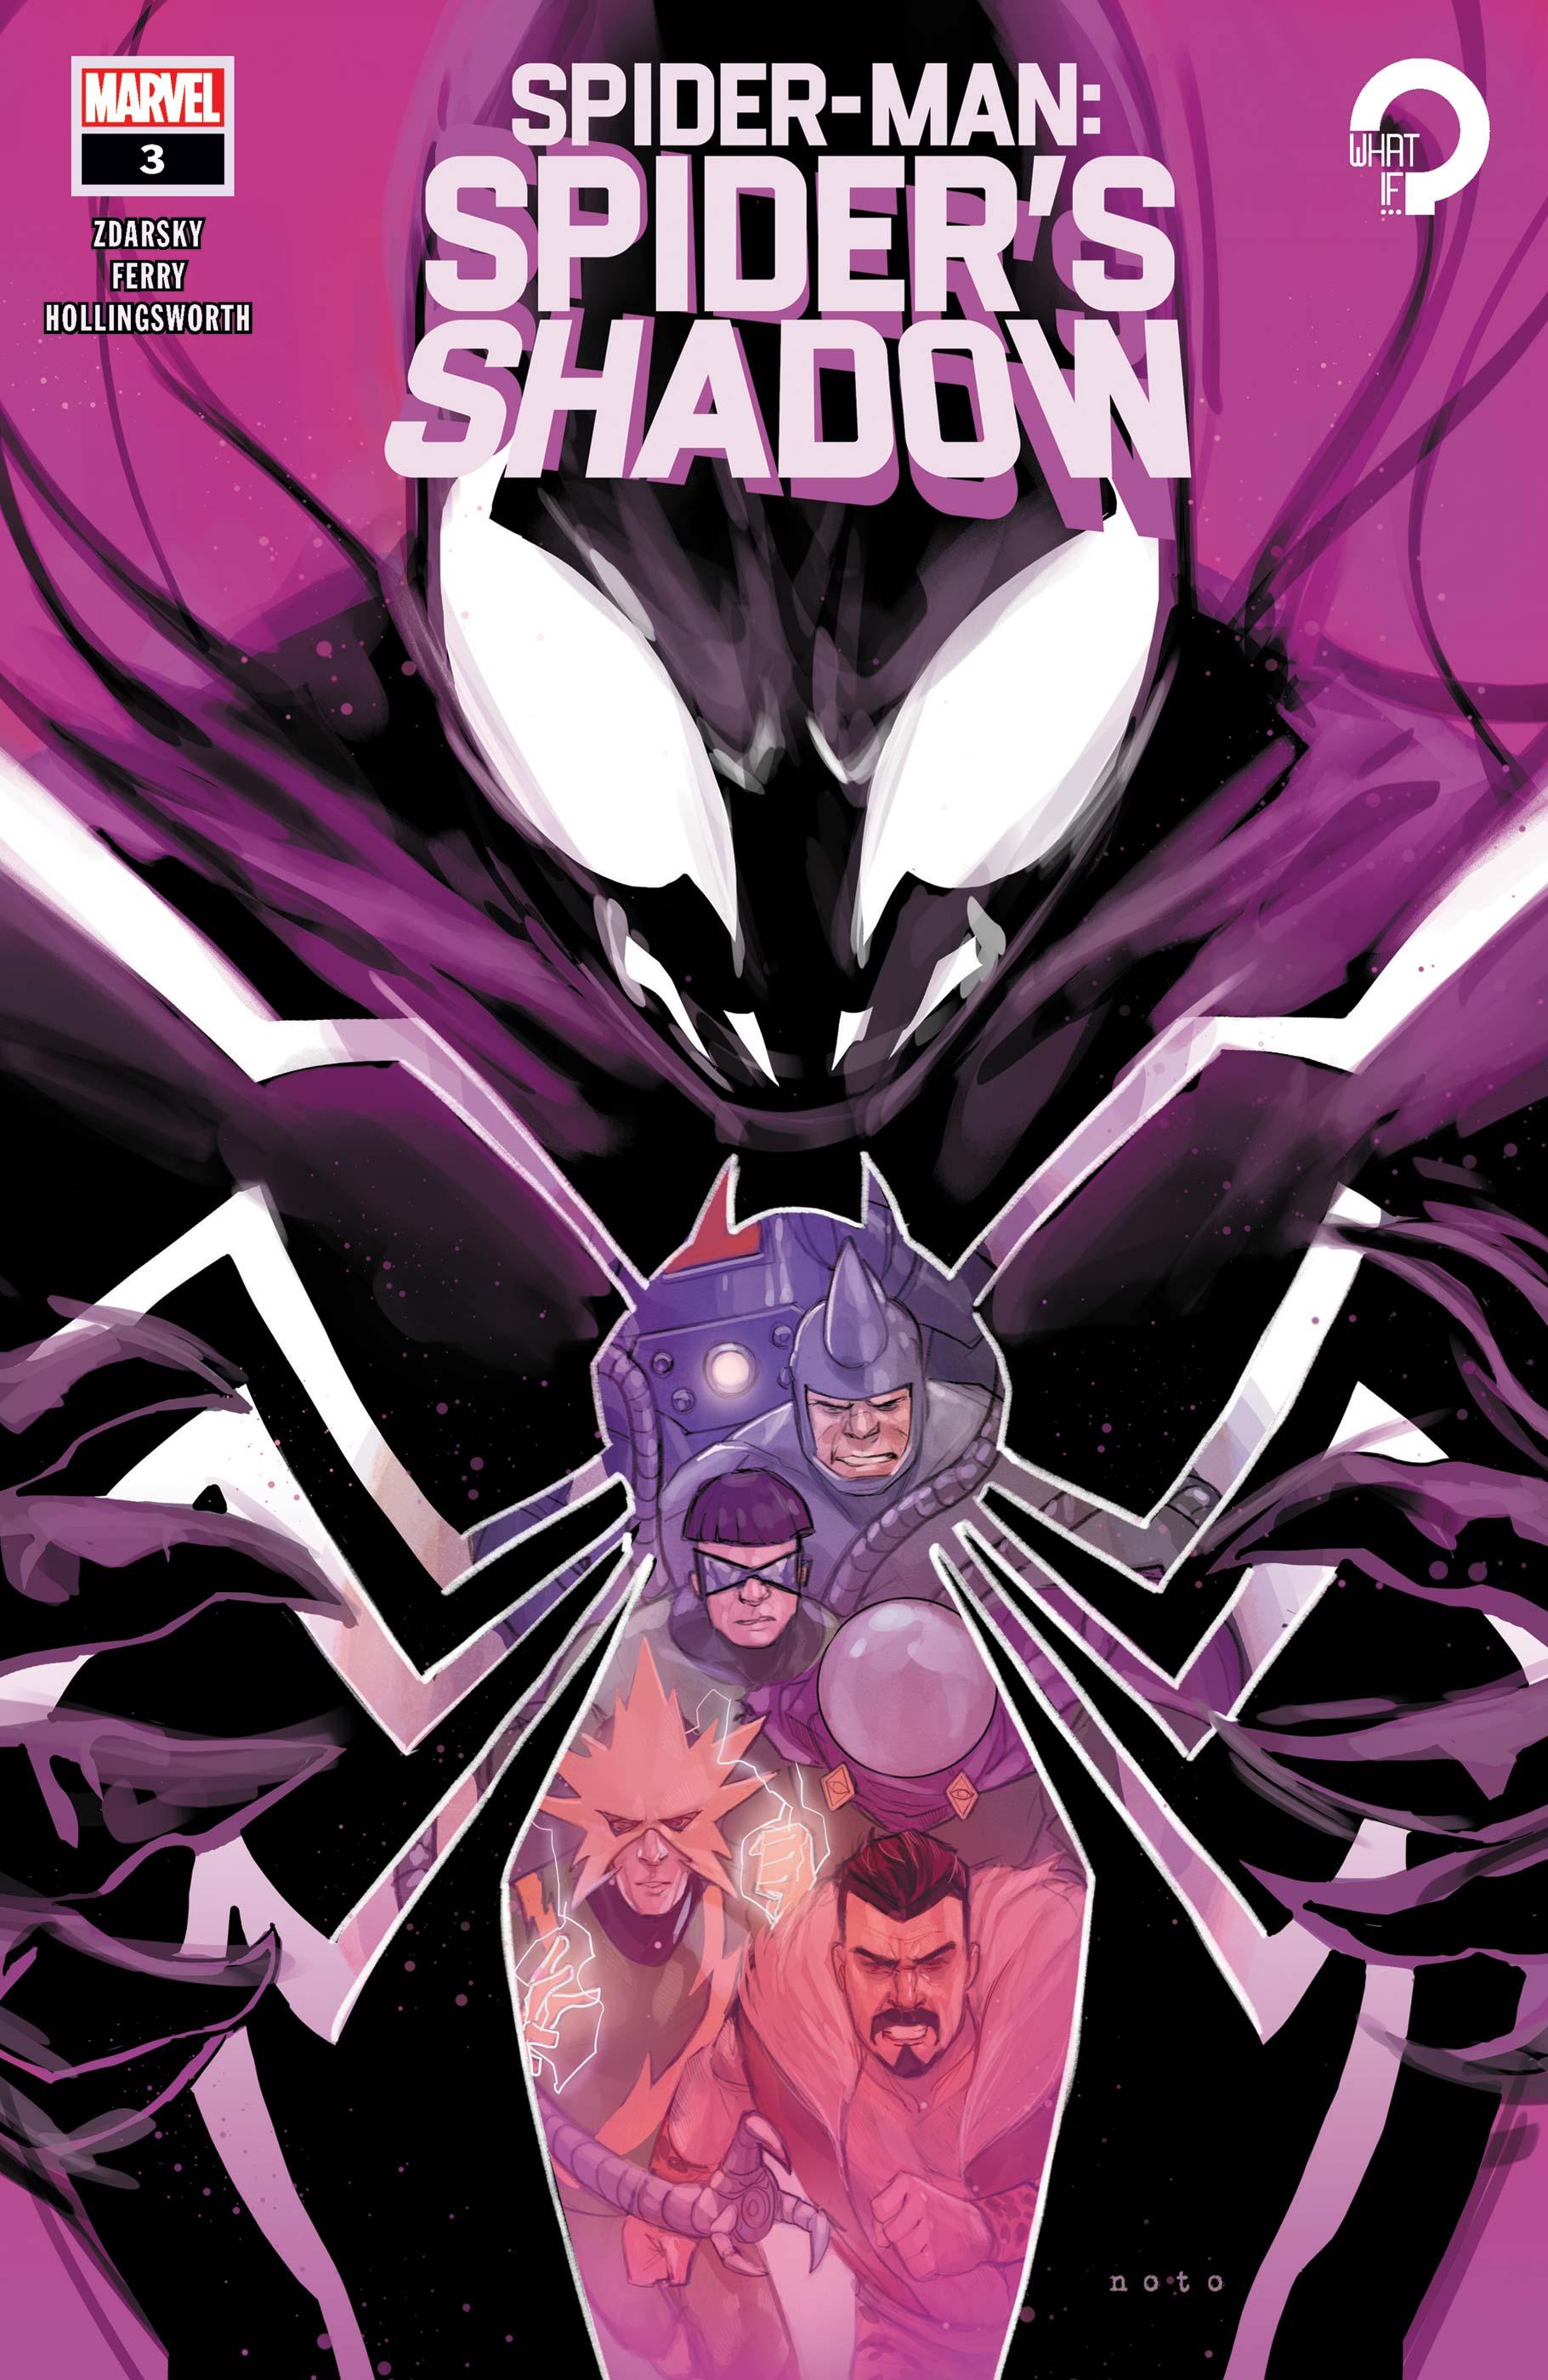 Spider-Man: Spider'S Shadow (2021) #3